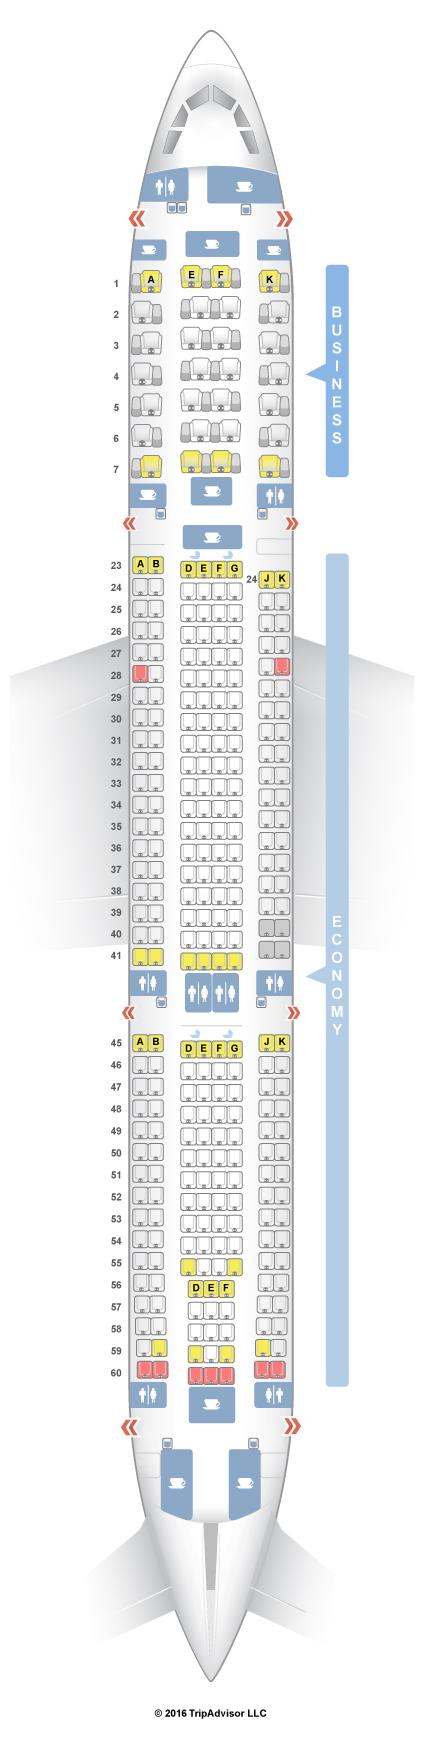 Qantas Seat Map SeatGuru Seat Map Qantas Airbus A330 300 (333) Qantas Seat Map